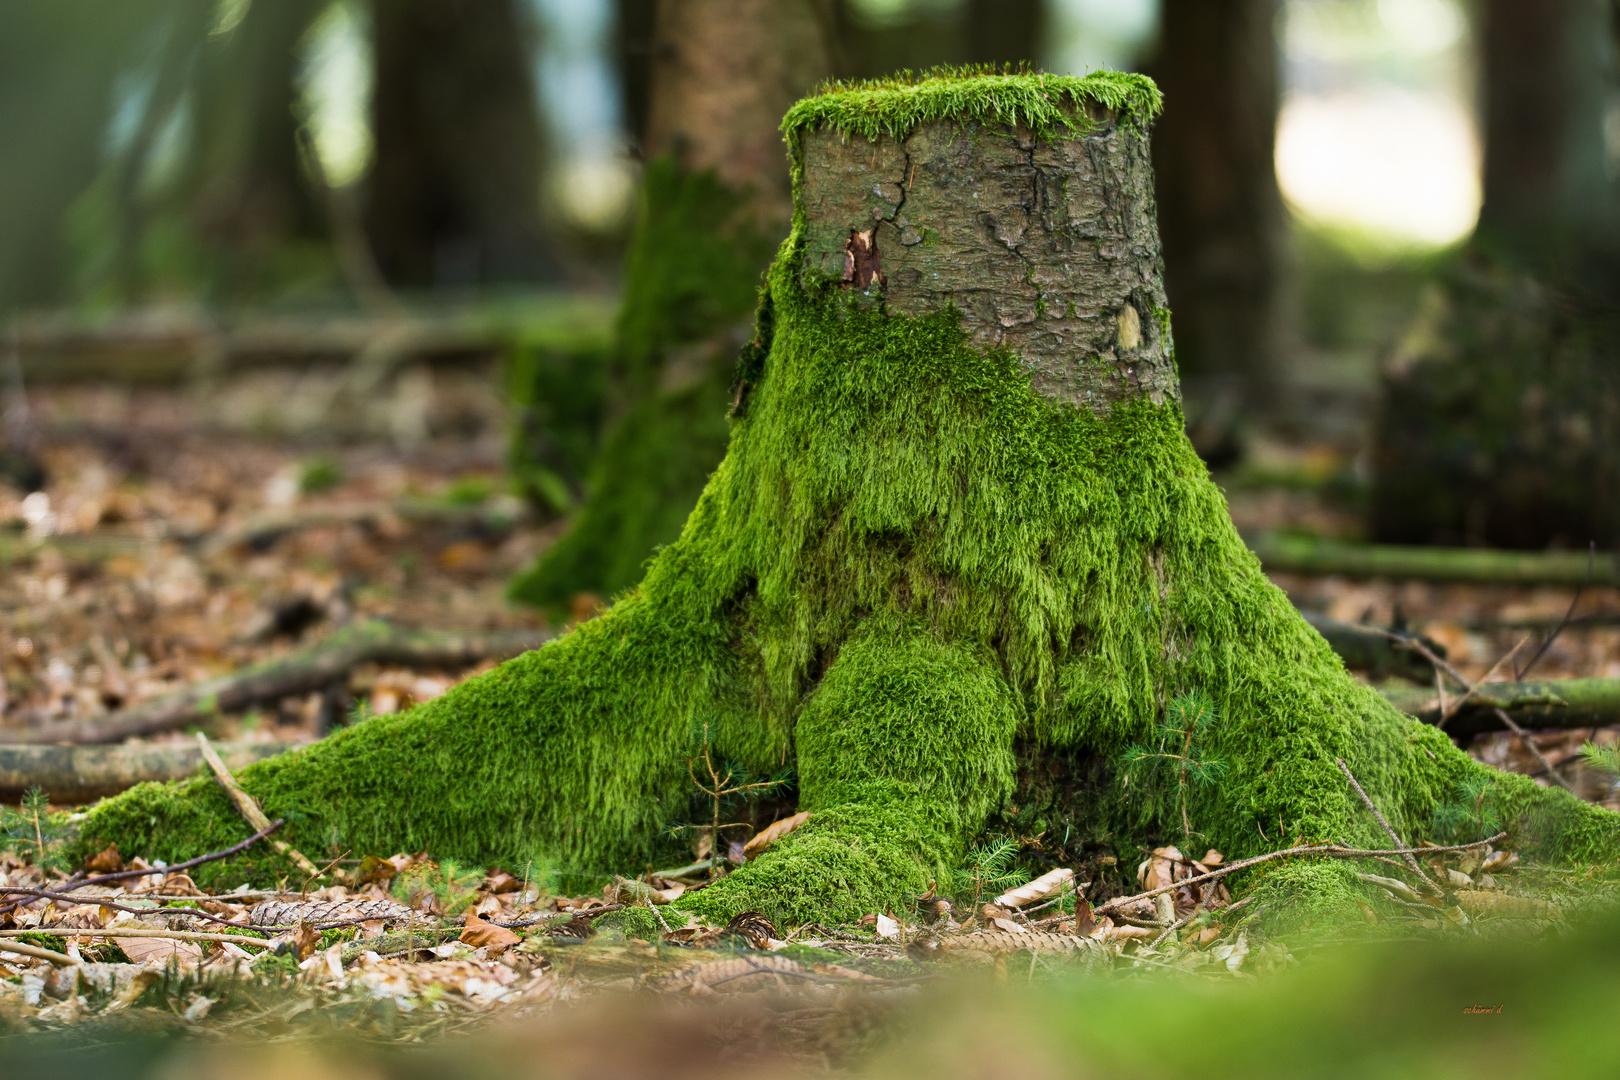 Vom grünen Teppich überwuchert